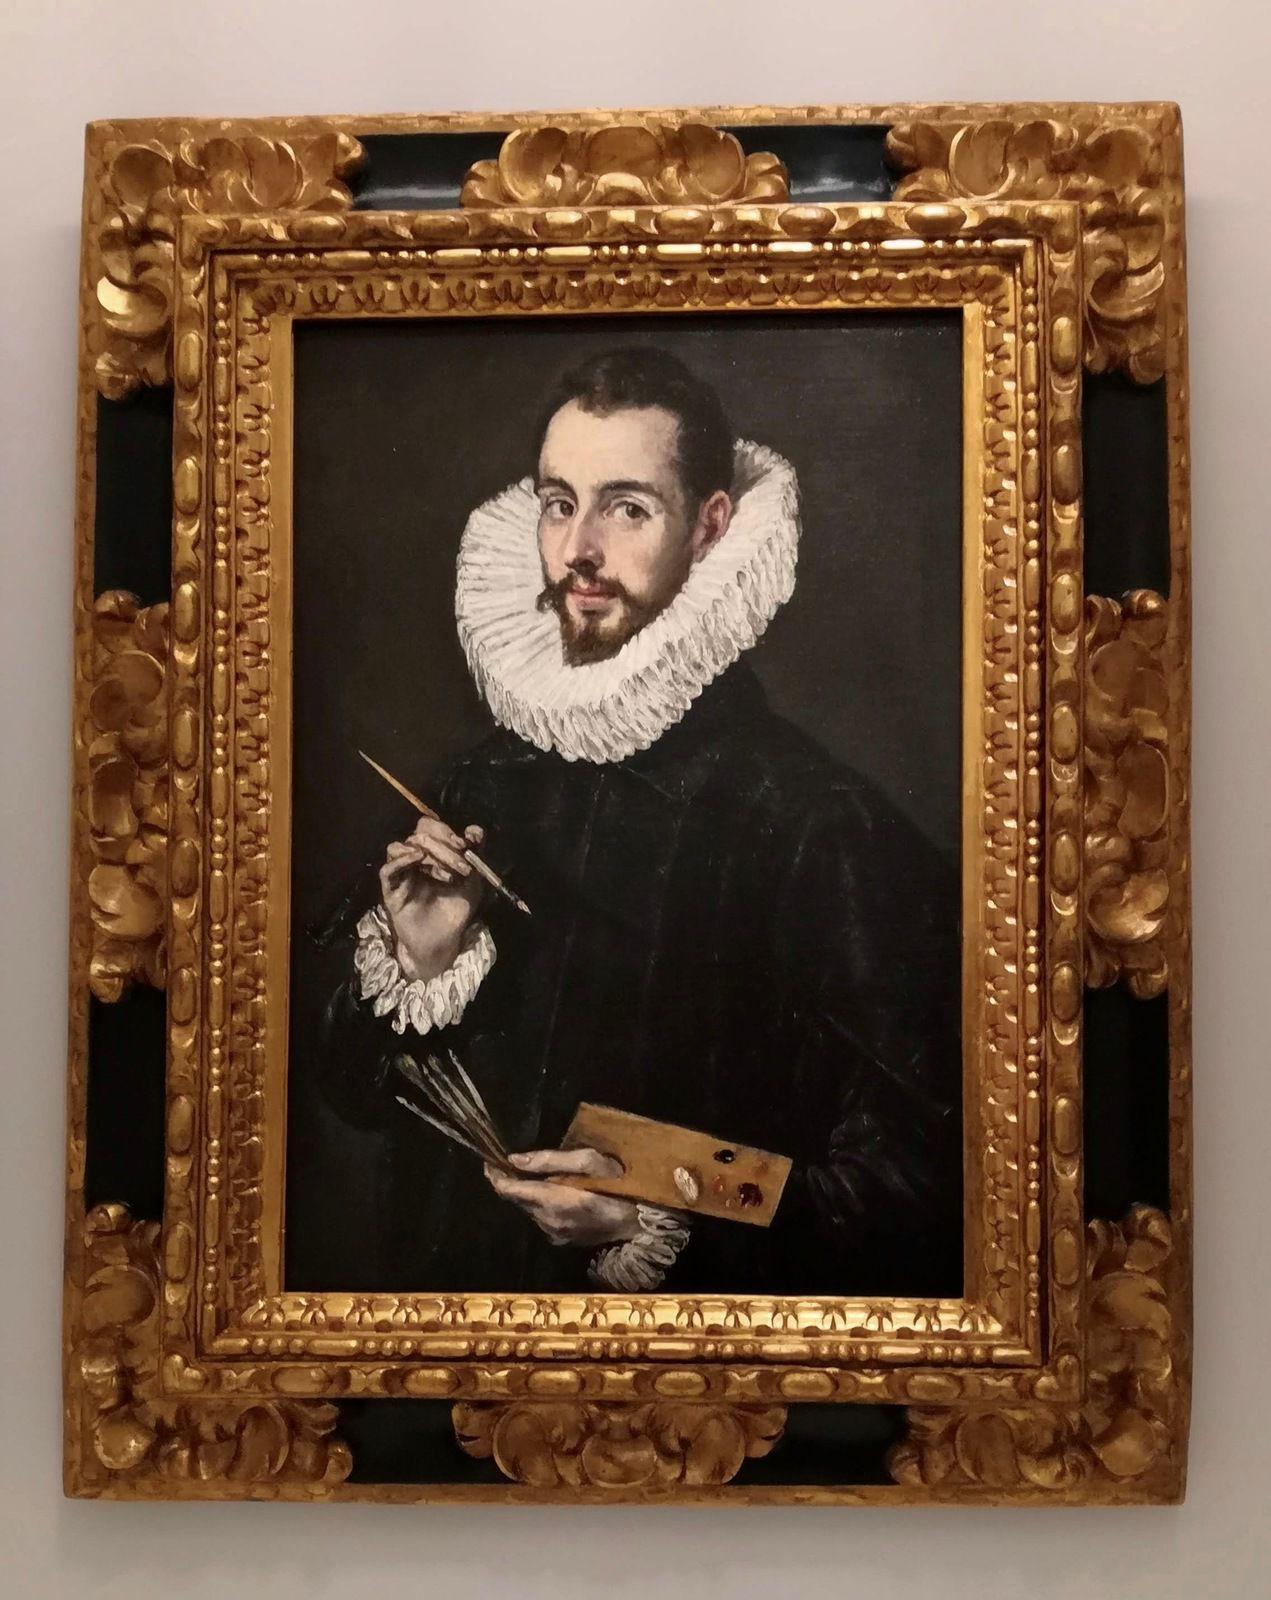 Portrait de Jorge Manuel Theotokópouli, fils de l'artiste, Séville, Museo de Bellas Artes de Sevilla